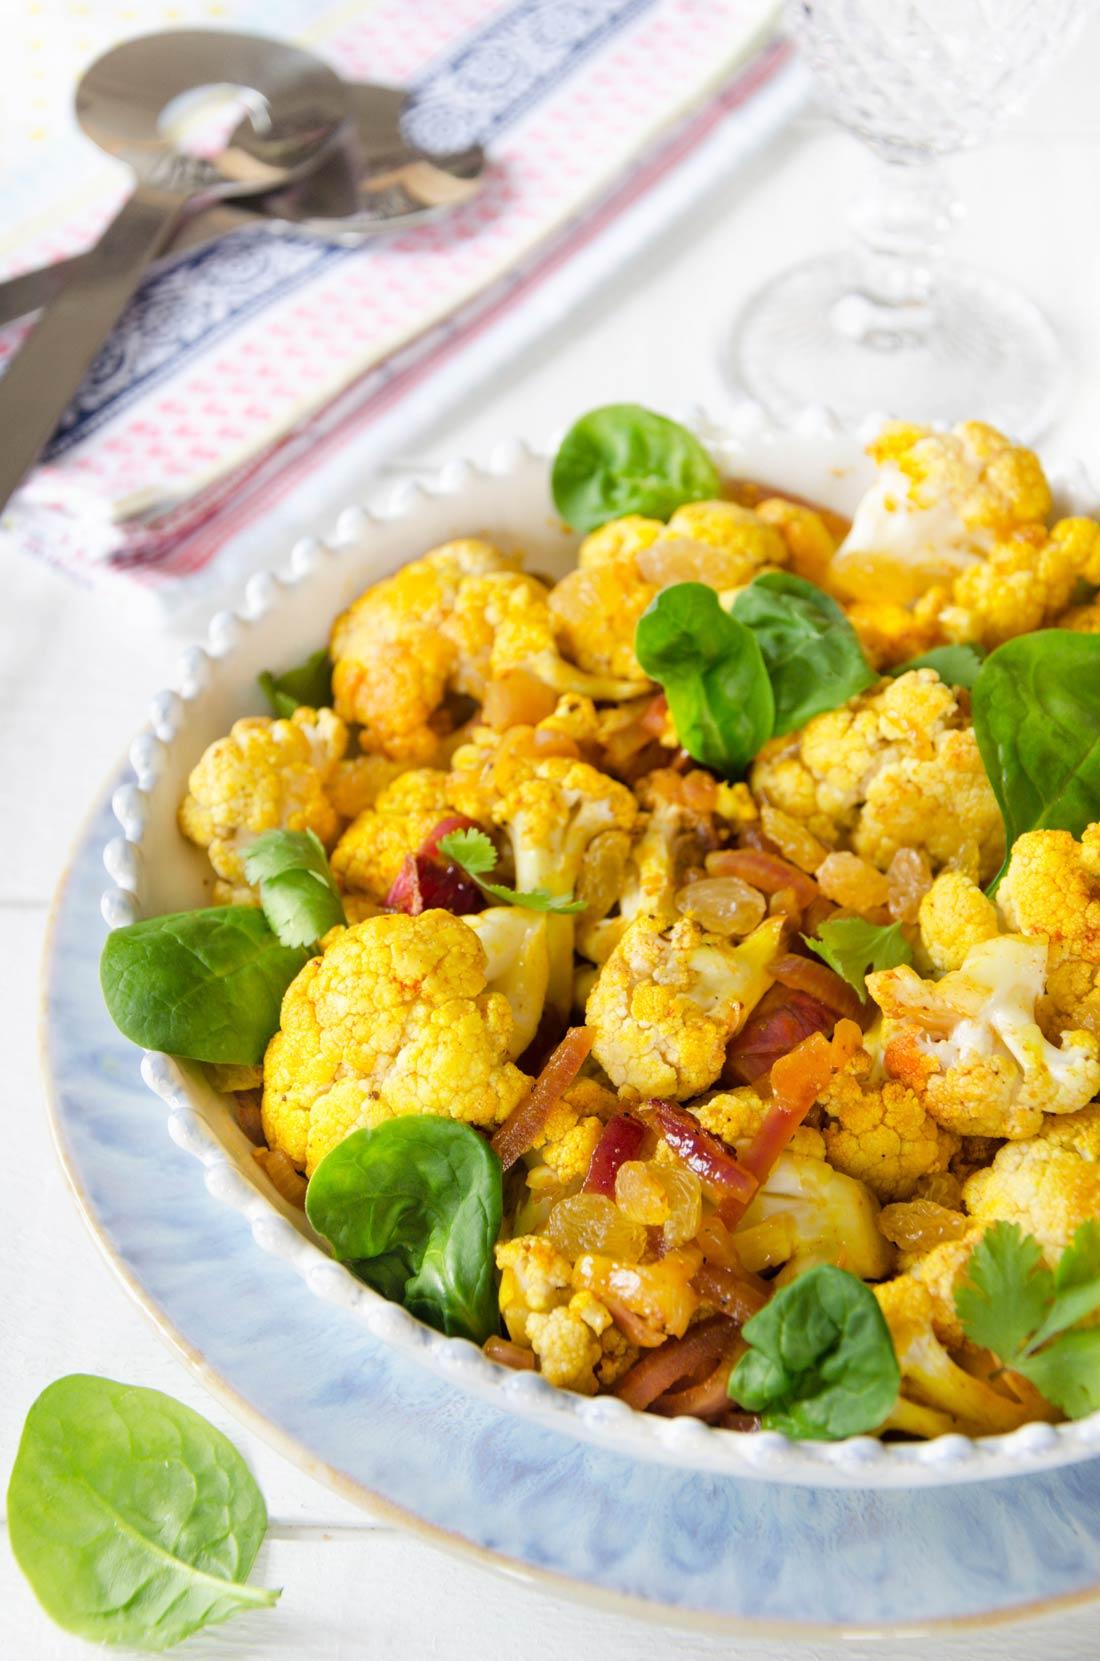 Salade de chou fleur et oignon rouge